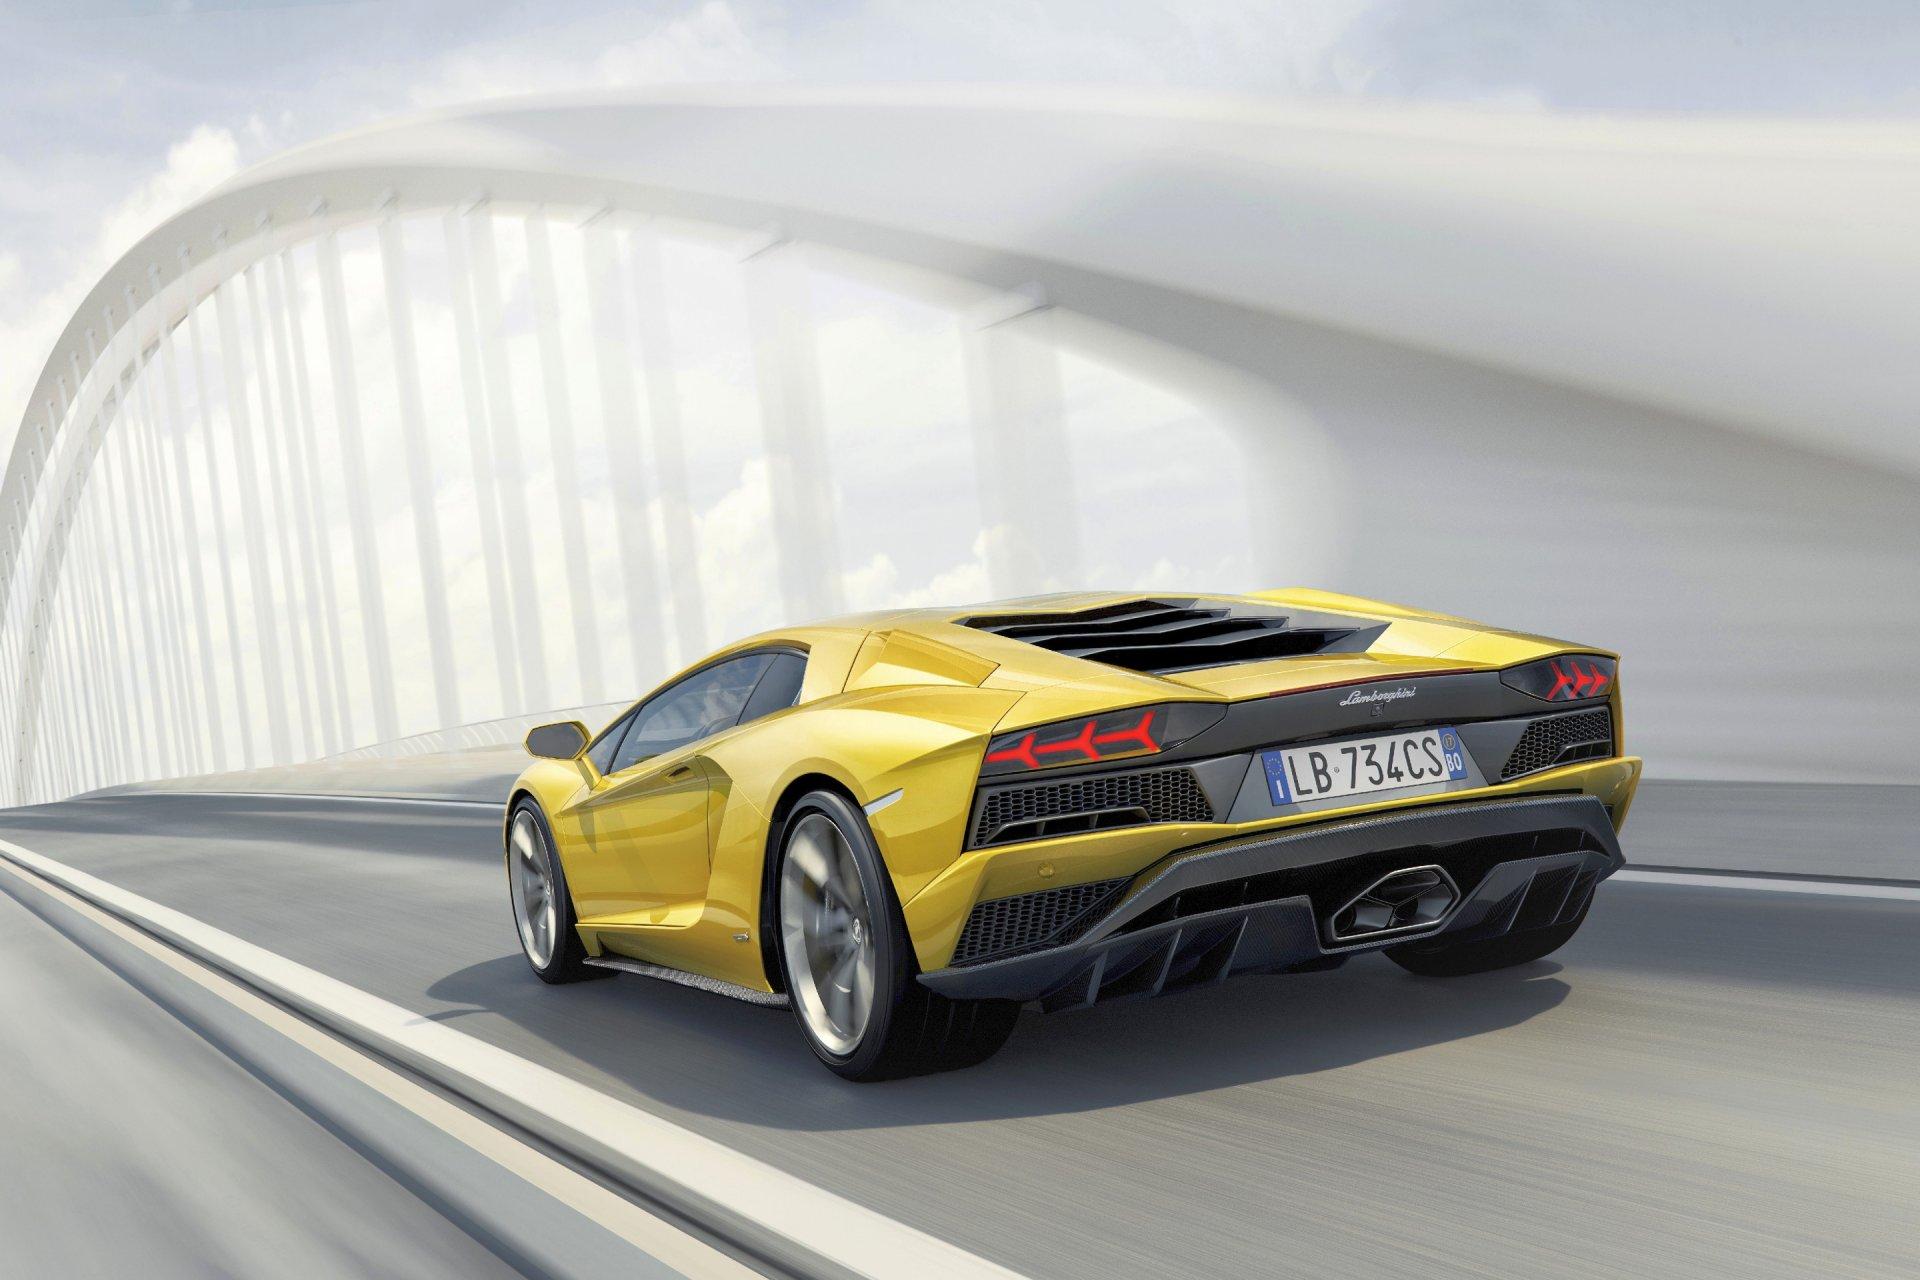 Lamborghini Aventador S Hypercar Info